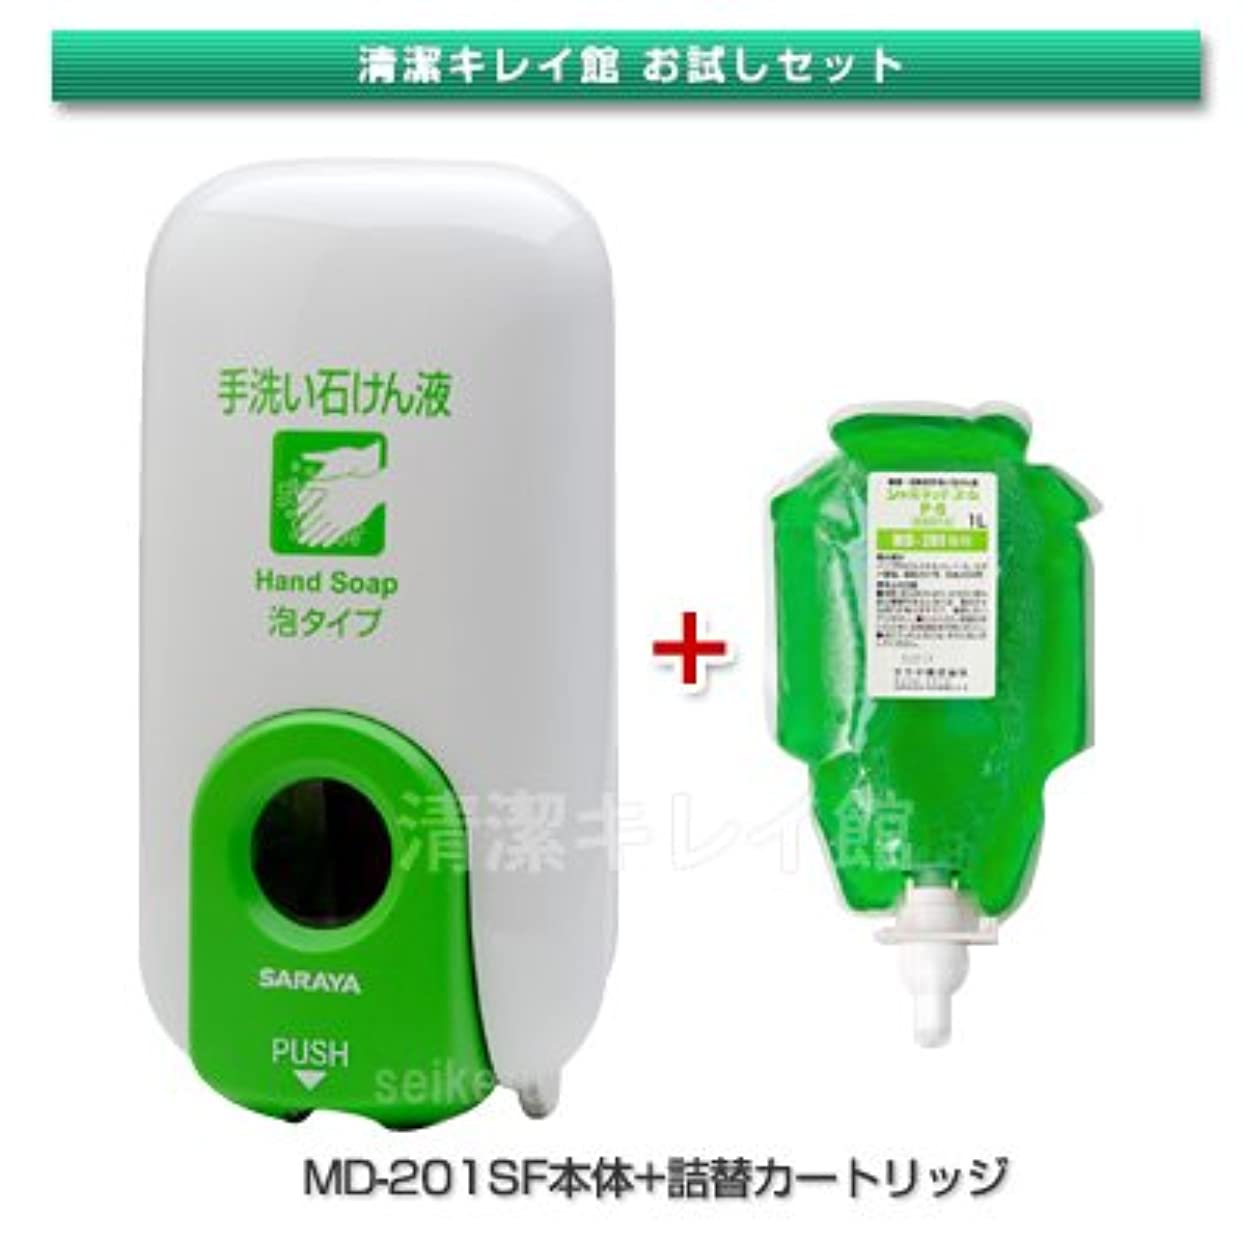 子供時代絶望的な物思いにふけるサラヤ プッシュ式石鹸液 MD-201SF(泡)【清潔キレイ館お試しセット】(本体とカートリッジ/ユムP-5)